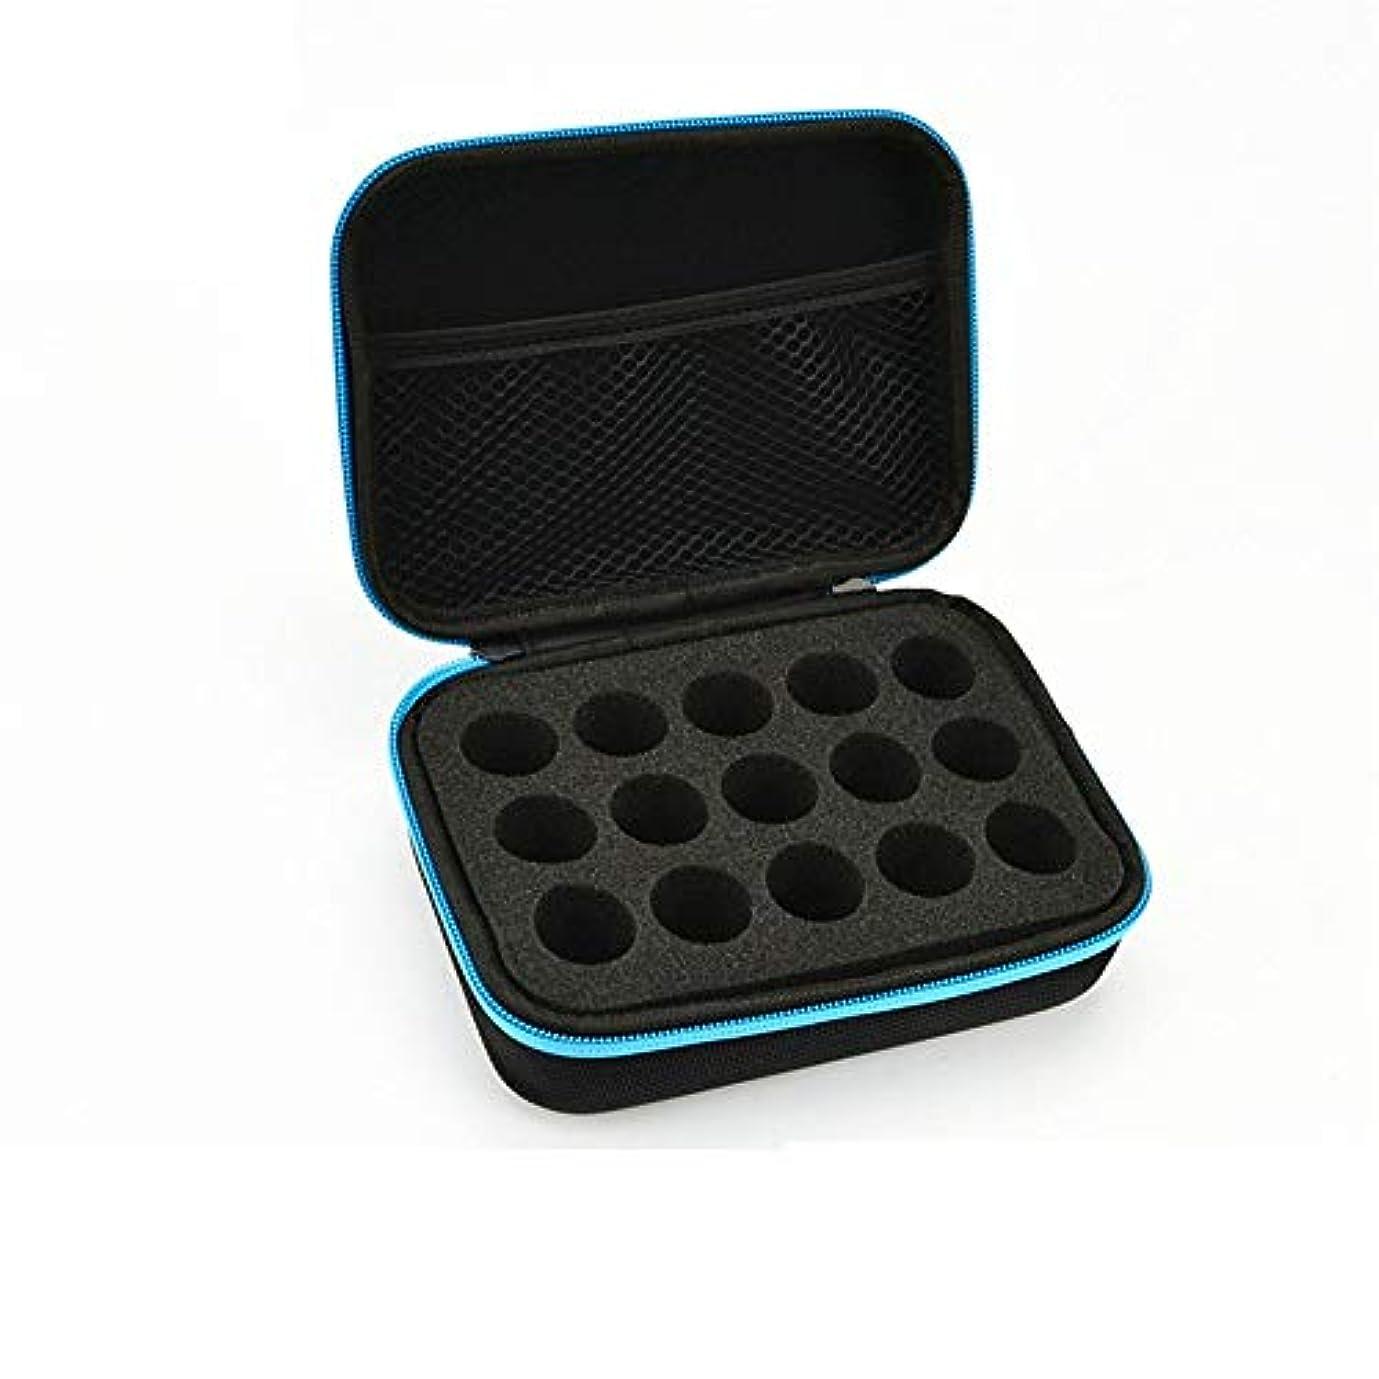 感謝している出撃者煙エッセンシャルオイルストレージボックス ケース収納キャリングエッセンシャルオイルは、10?15mlのトラベルオーガナイザーポーチバッグブルーに適合します 旅行およびプレゼンテーション用 (色 : 青, サイズ : 17X12.5X6CM)